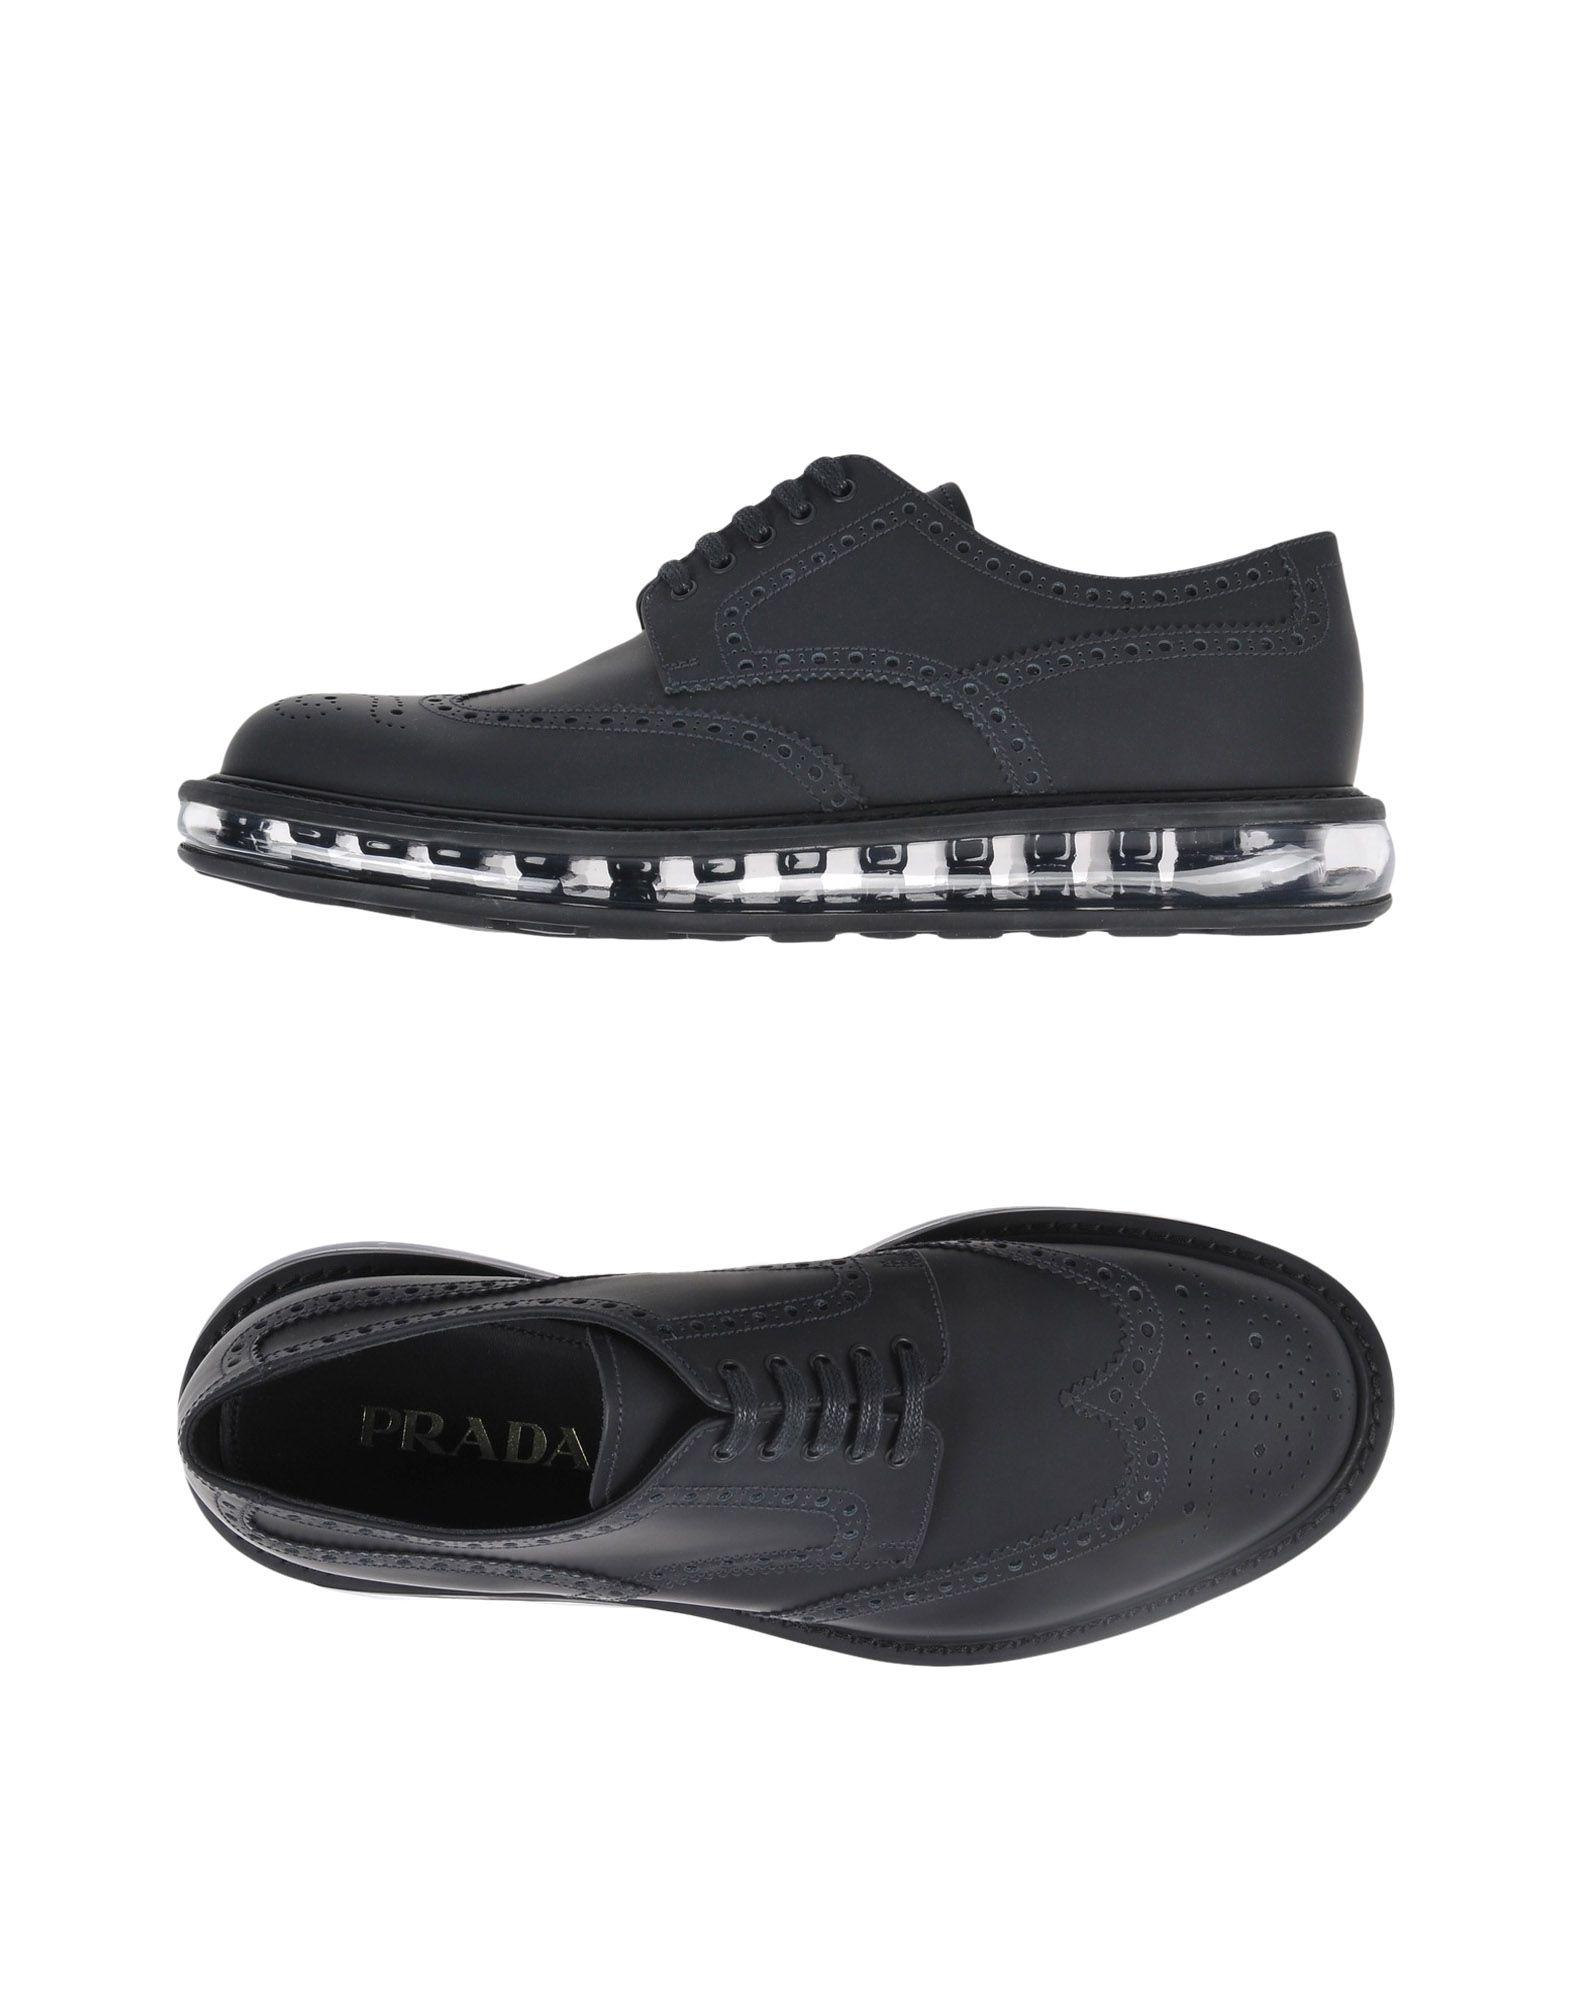 Prada Schnürschuhe Herren  11464045TM Gute Qualität beliebte Schuhe